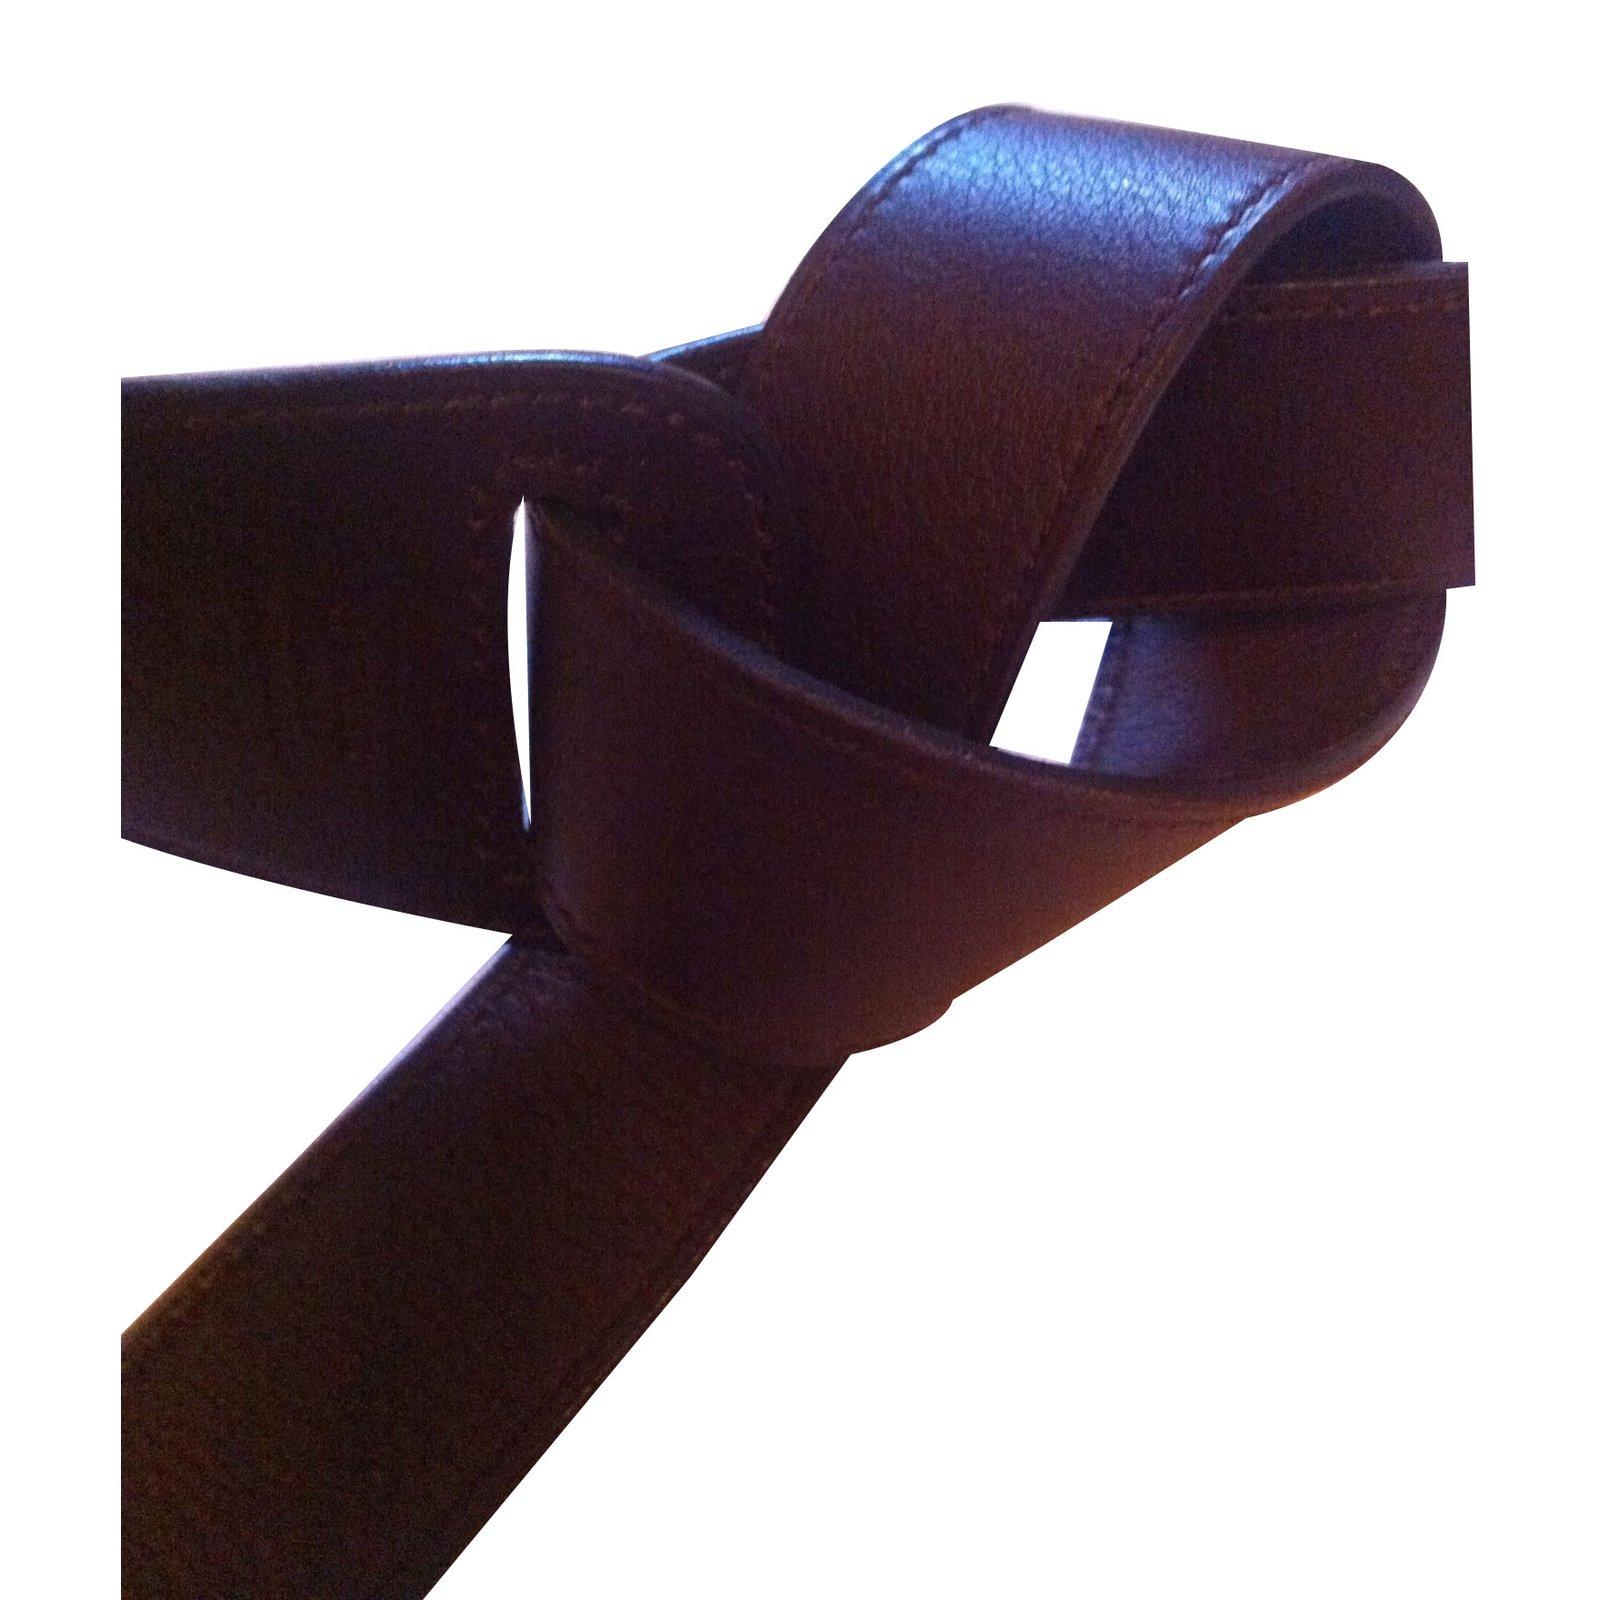 5a6903ea9c3 Ceintures Hermès ceinture souple Cuir Chocolat ref.43451 - Joli Closet